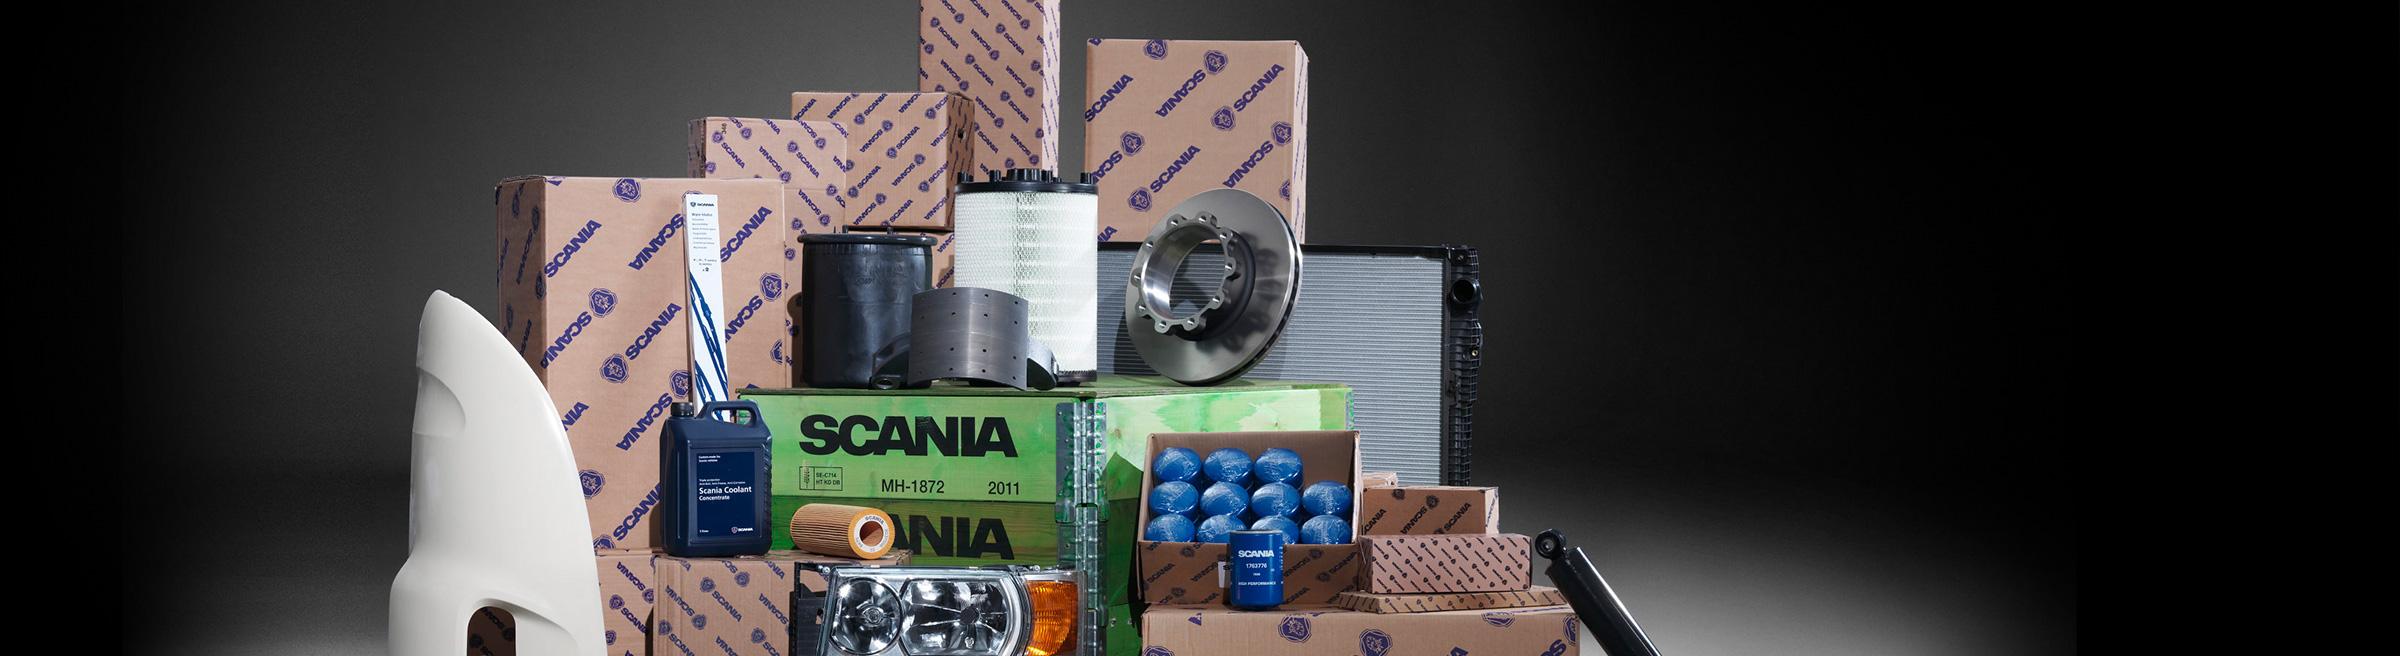 Reservdelar & Tillbehör Scania